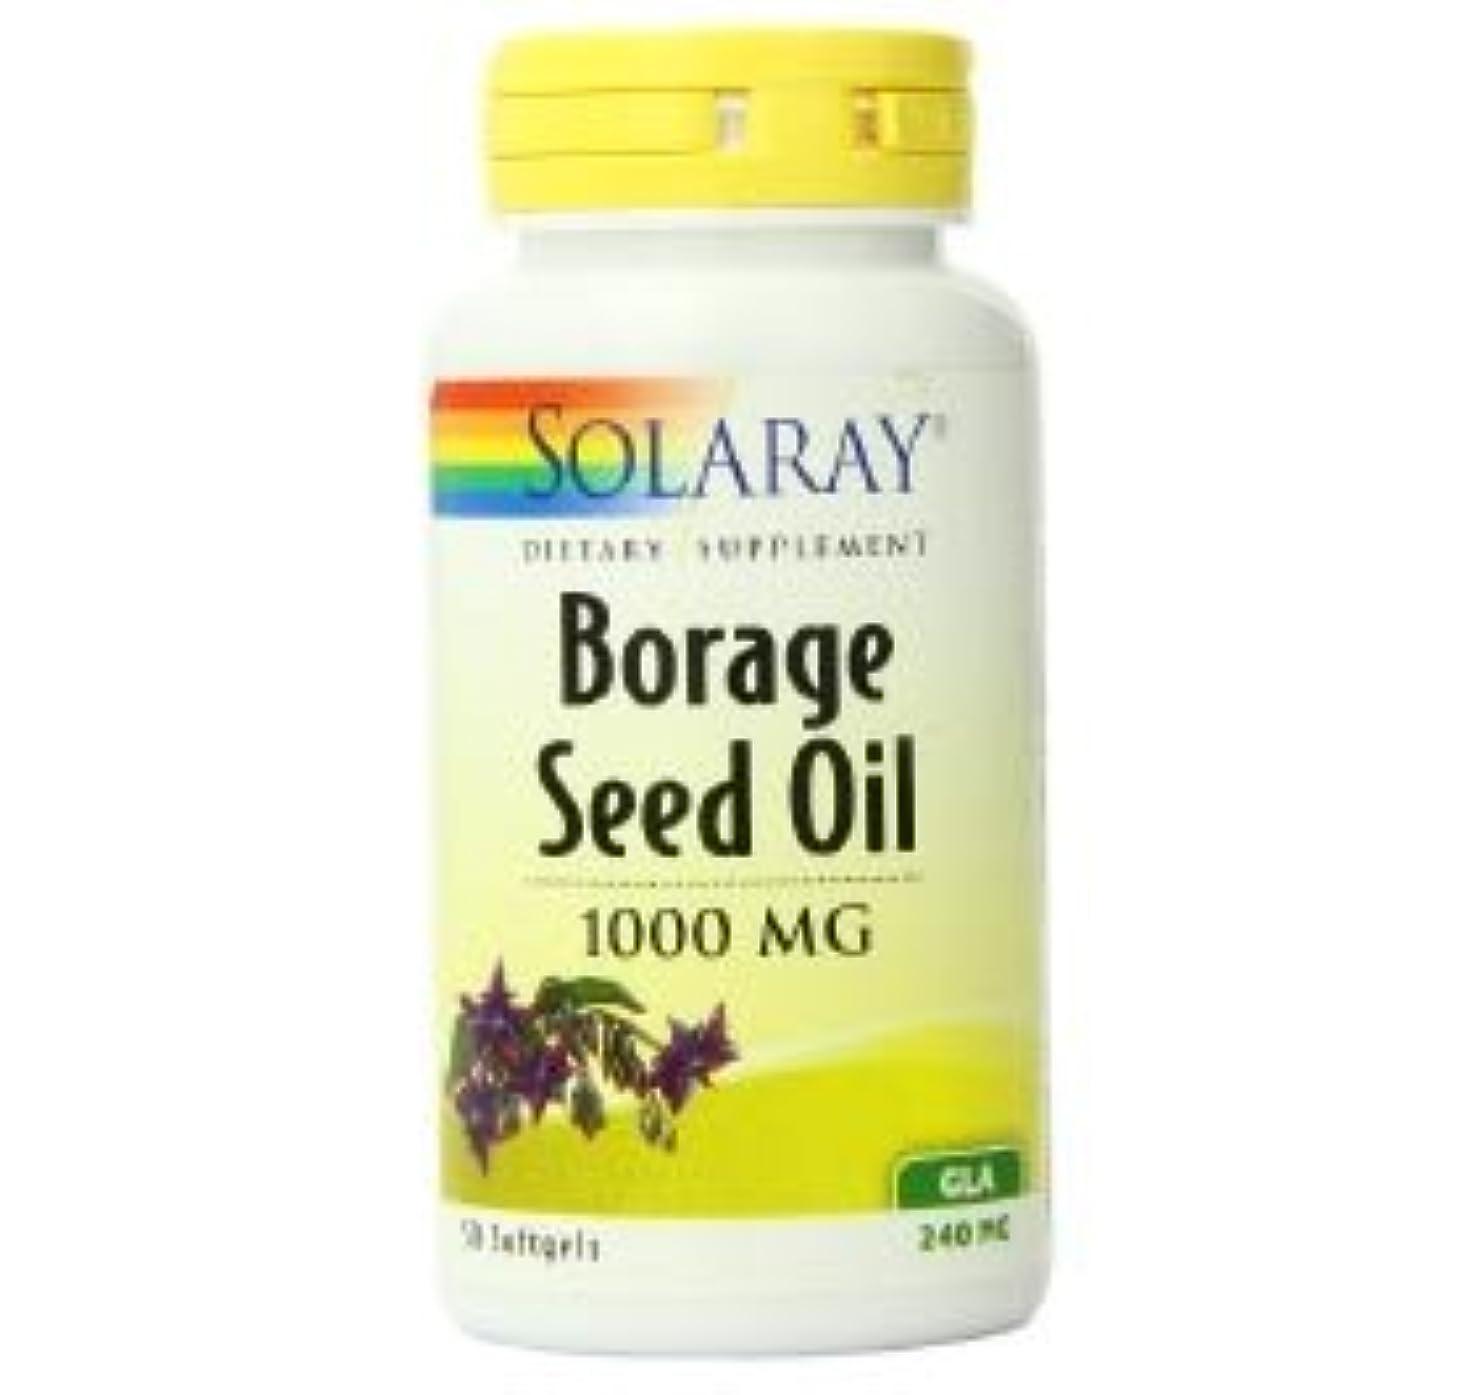 マングルエキスデッド【海外直送品】SOLARAY - Borage seed oil - 50softgel ボラージシードオイル